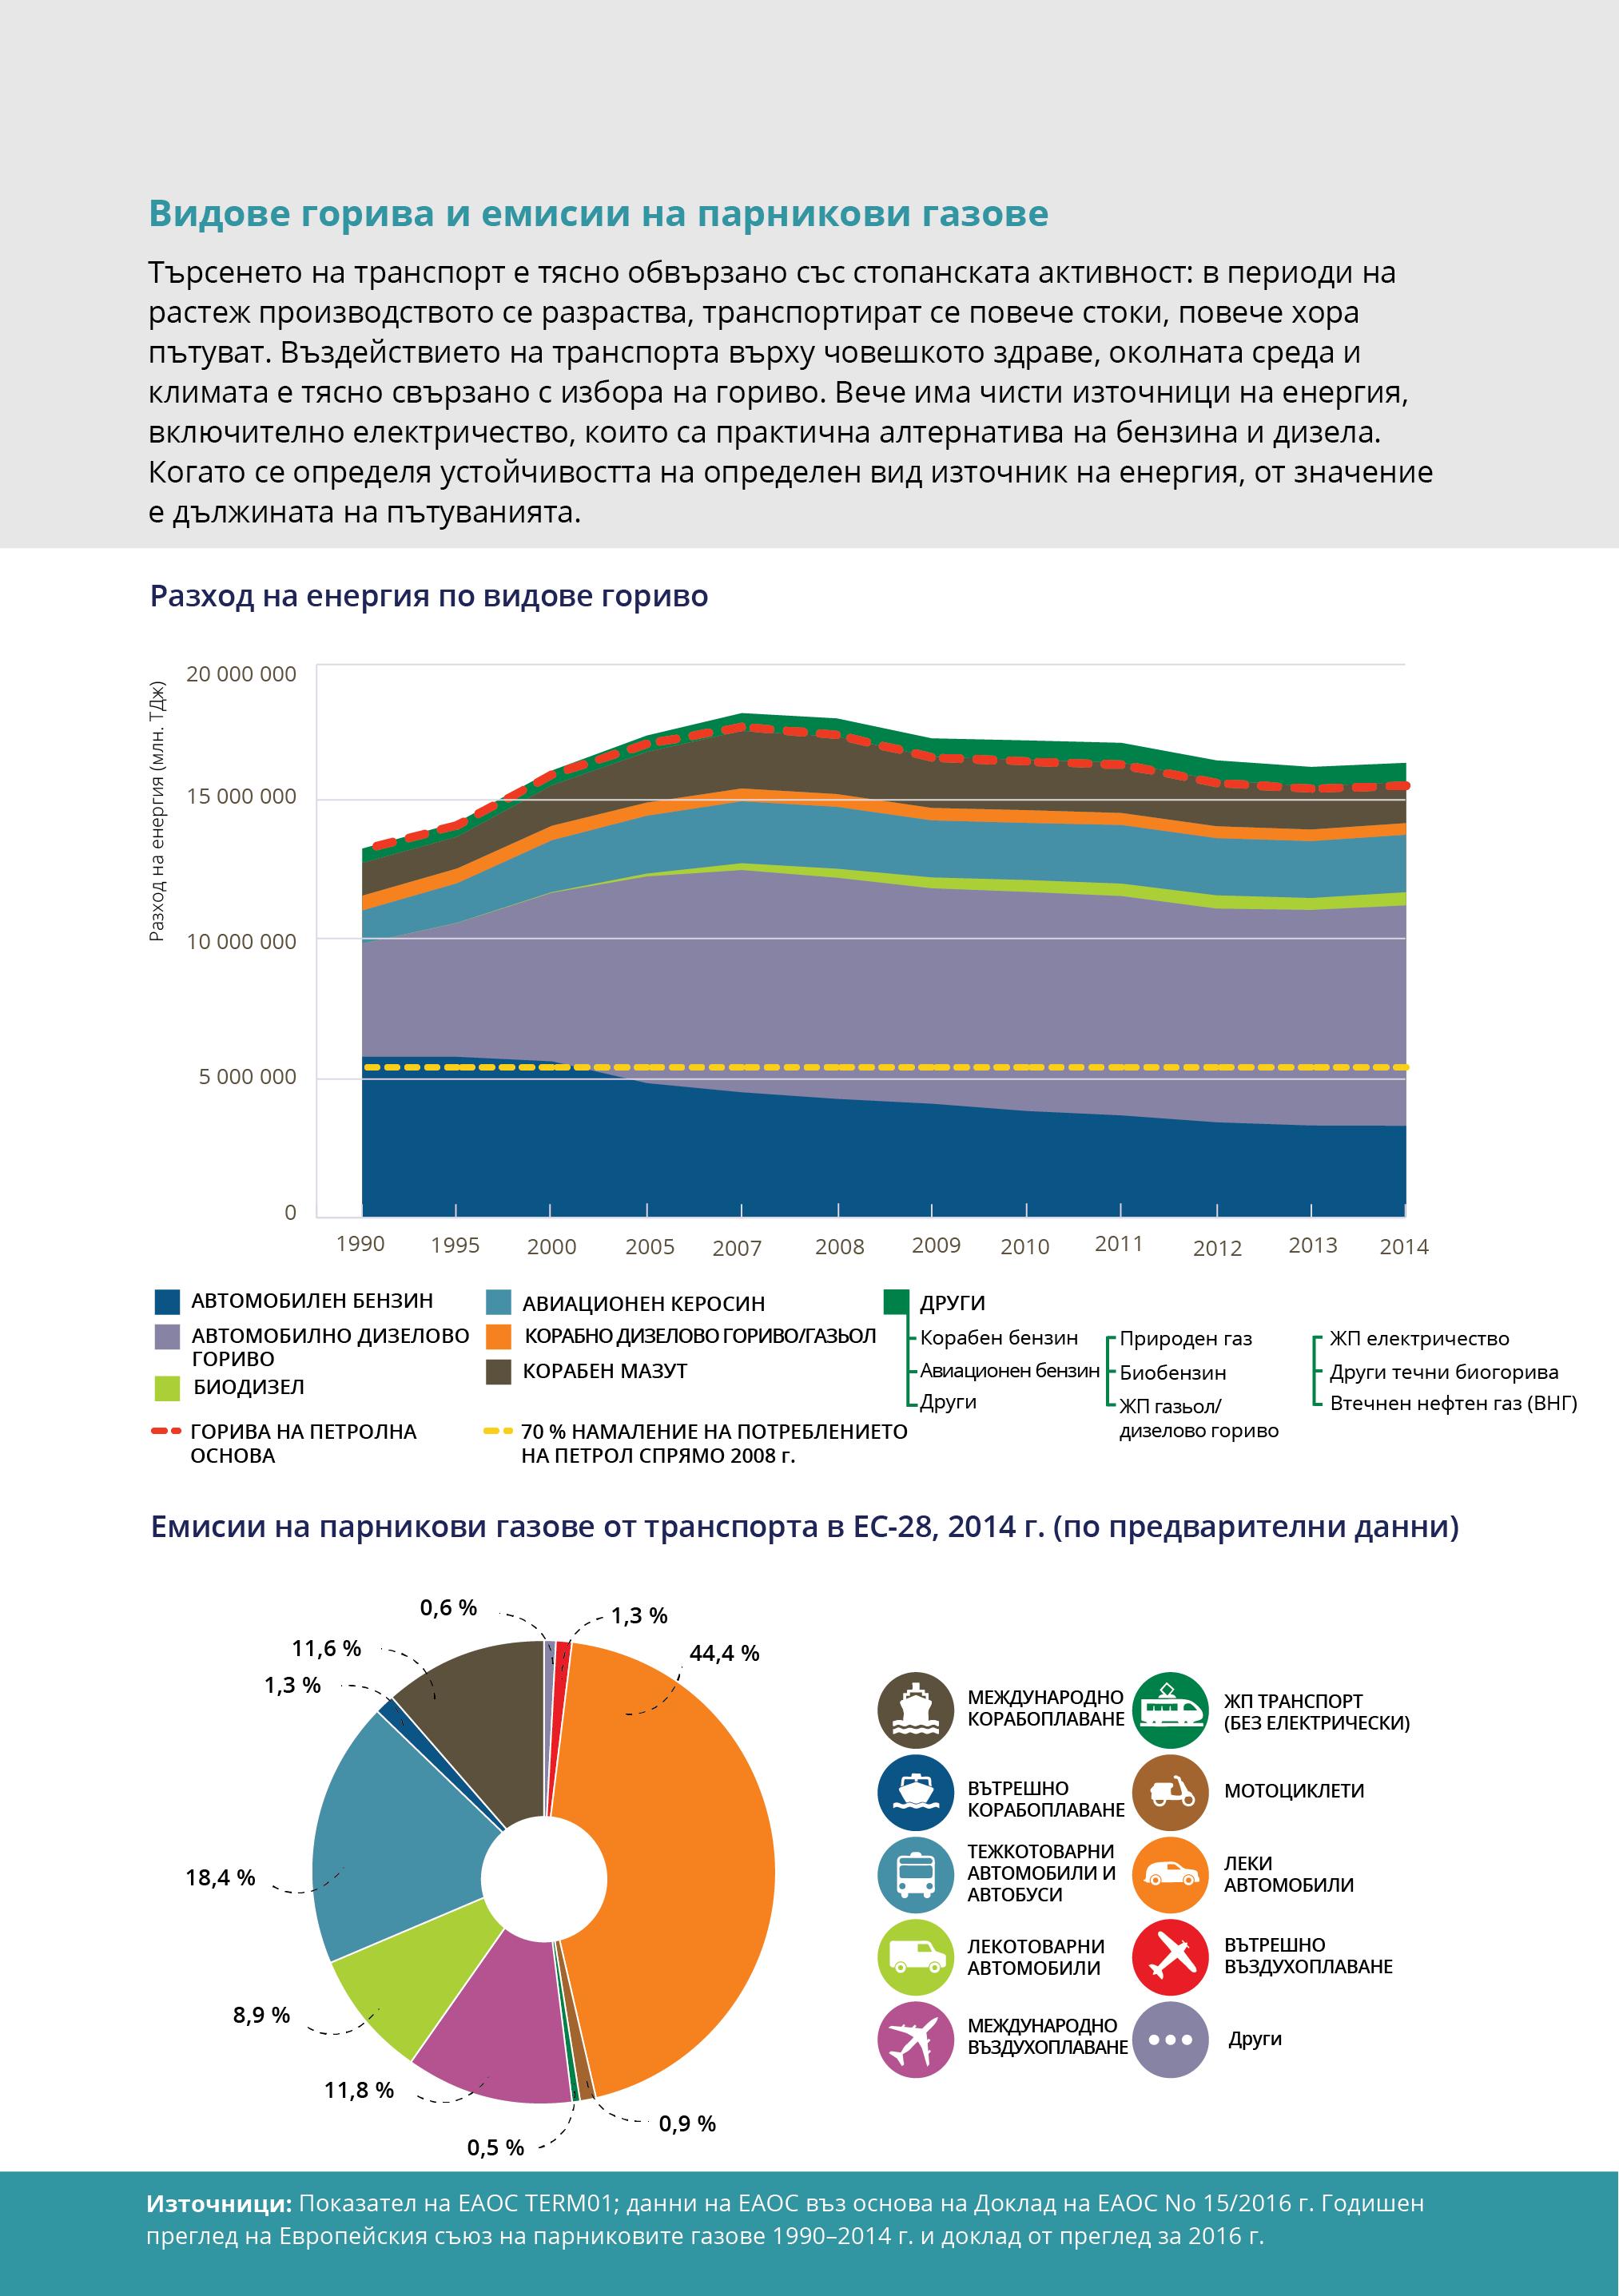 Видове горива и емисии на парникови газове